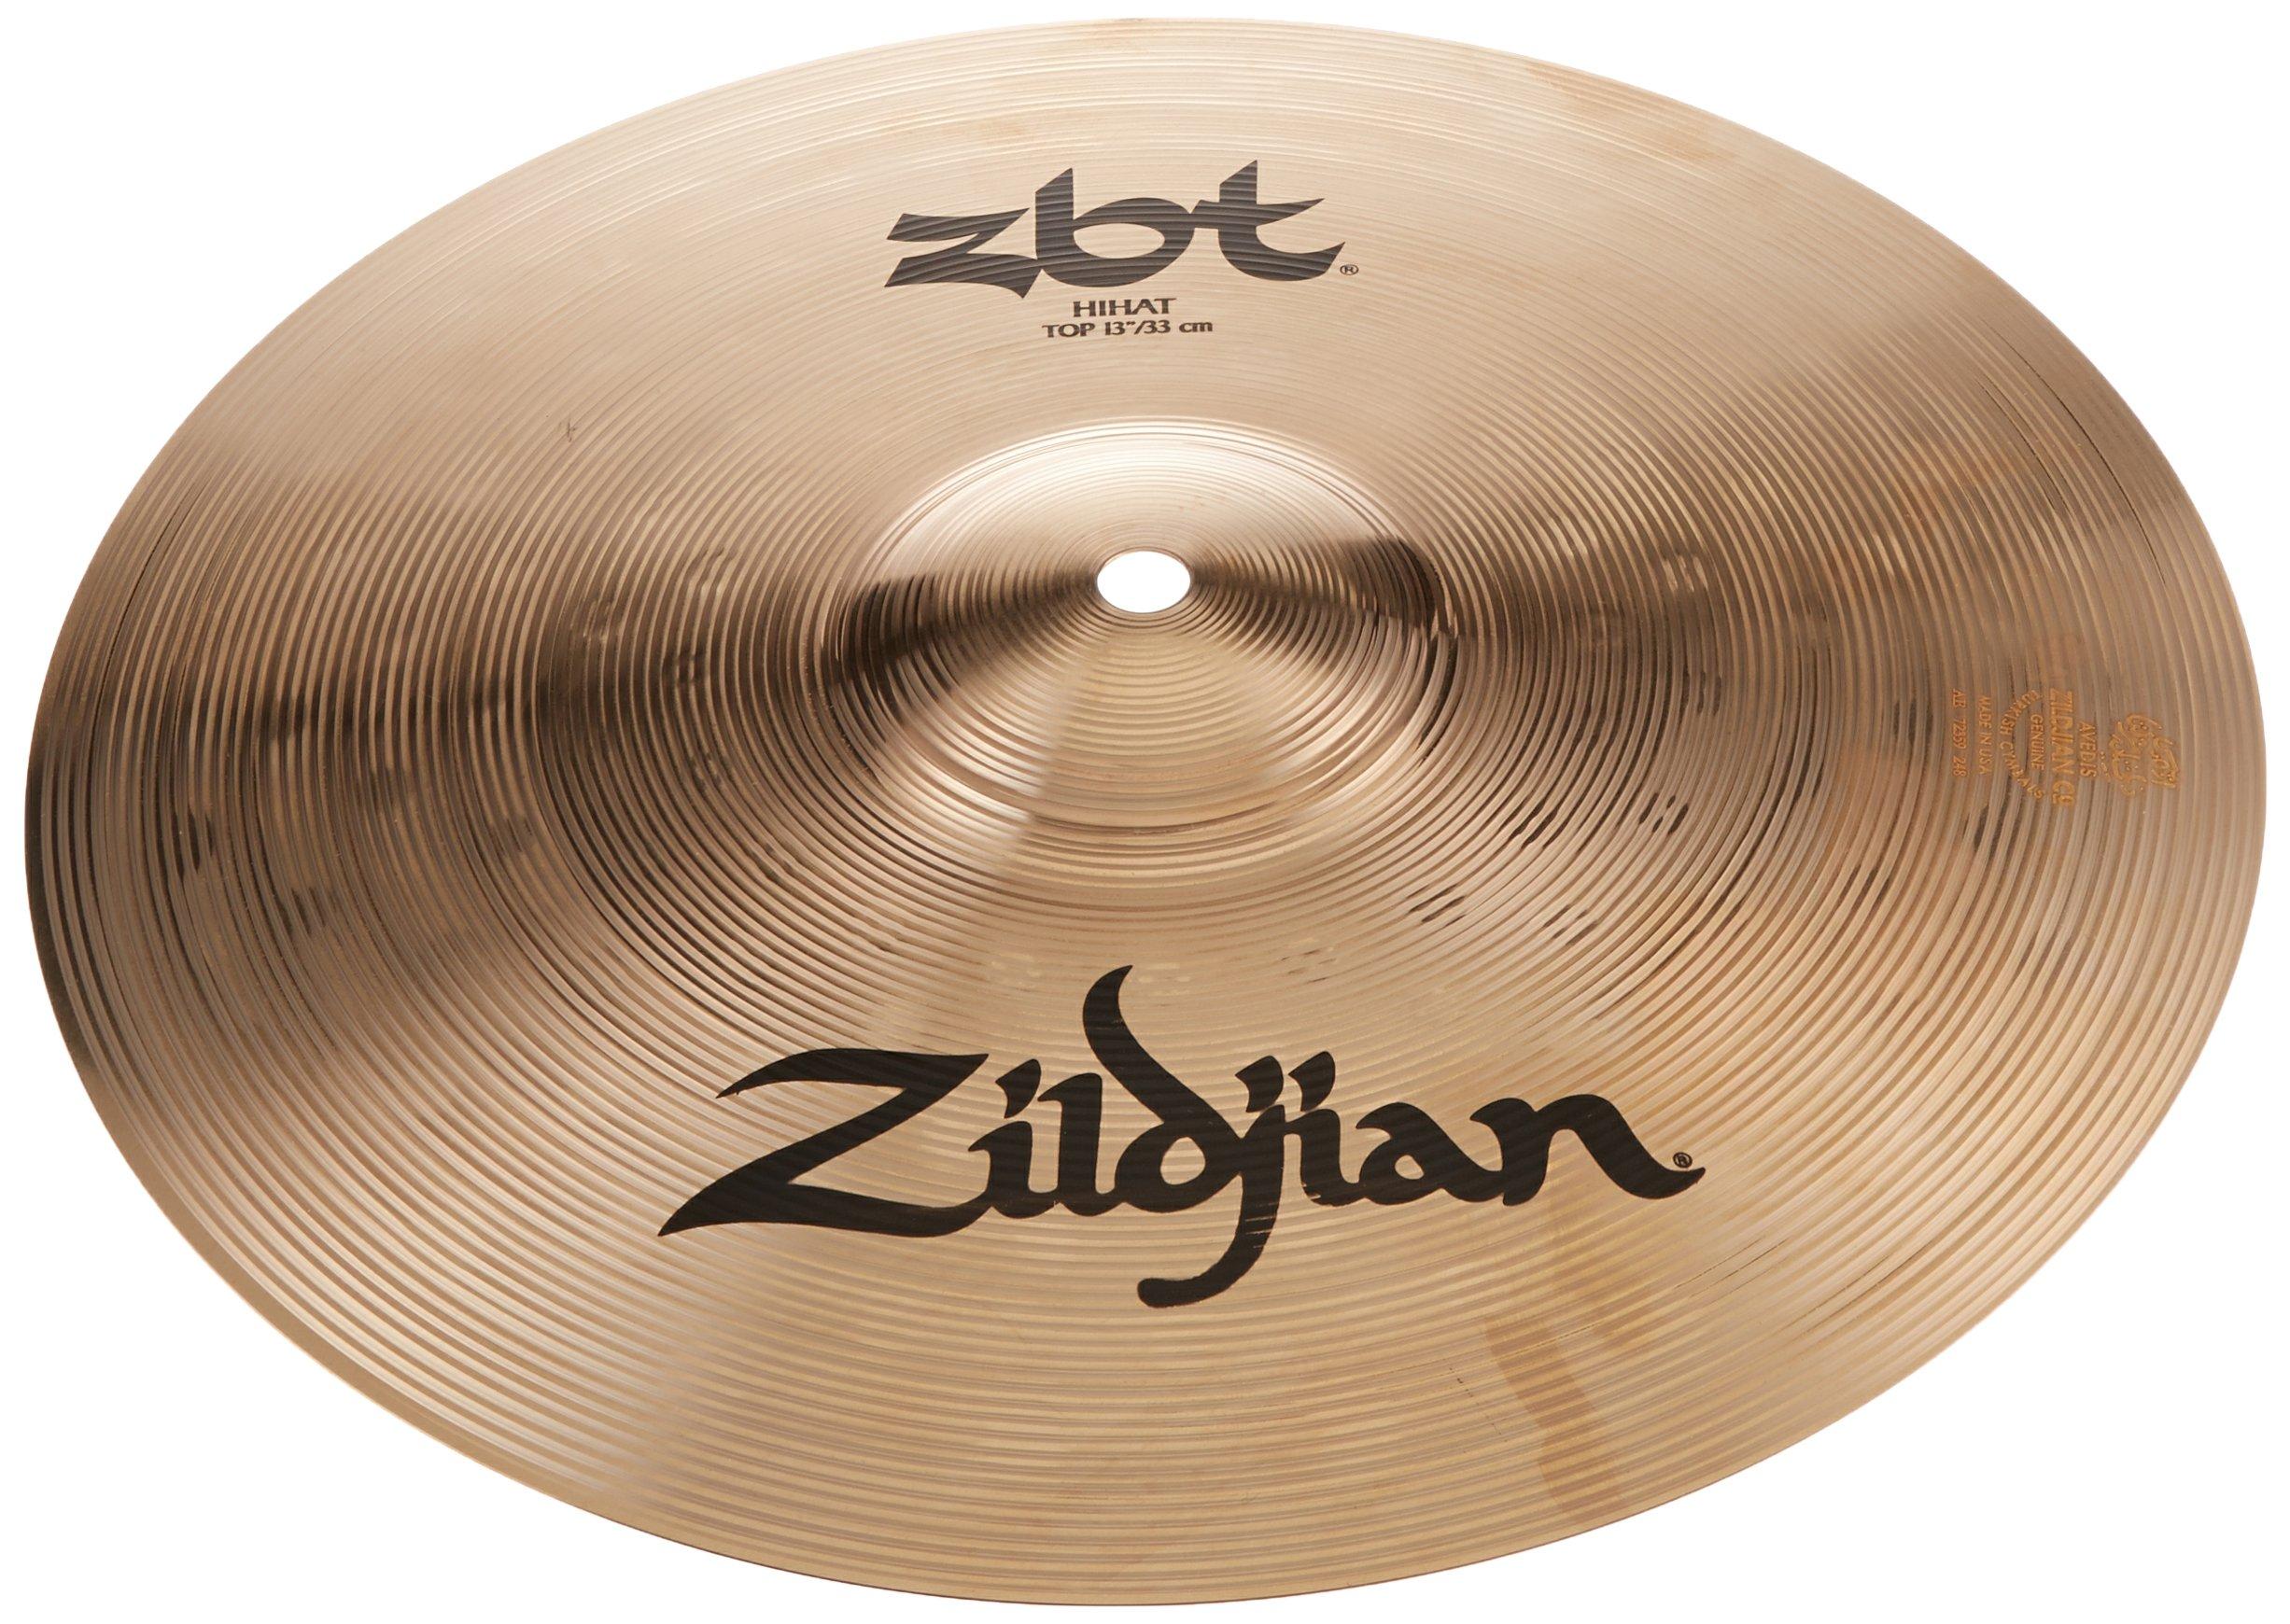 Zildjian ZBT 13'' Hi Hat Top Cymbal by Avedis Zildjian Company